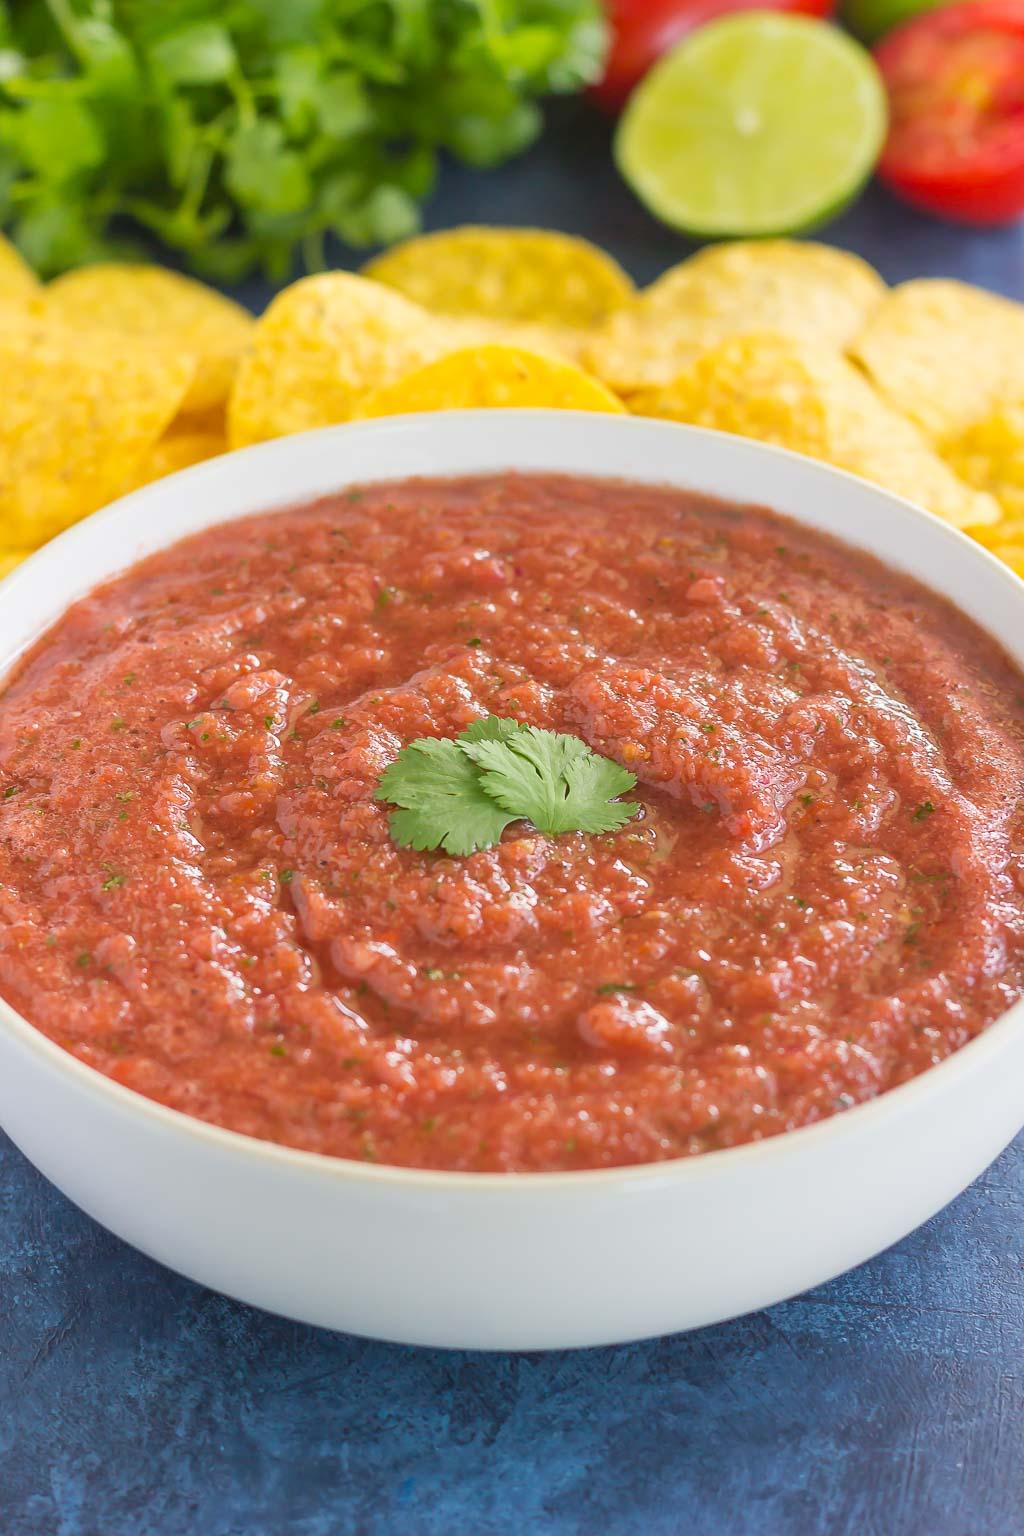 Restaurant Style Salsa from Pumpkin 'N Spice